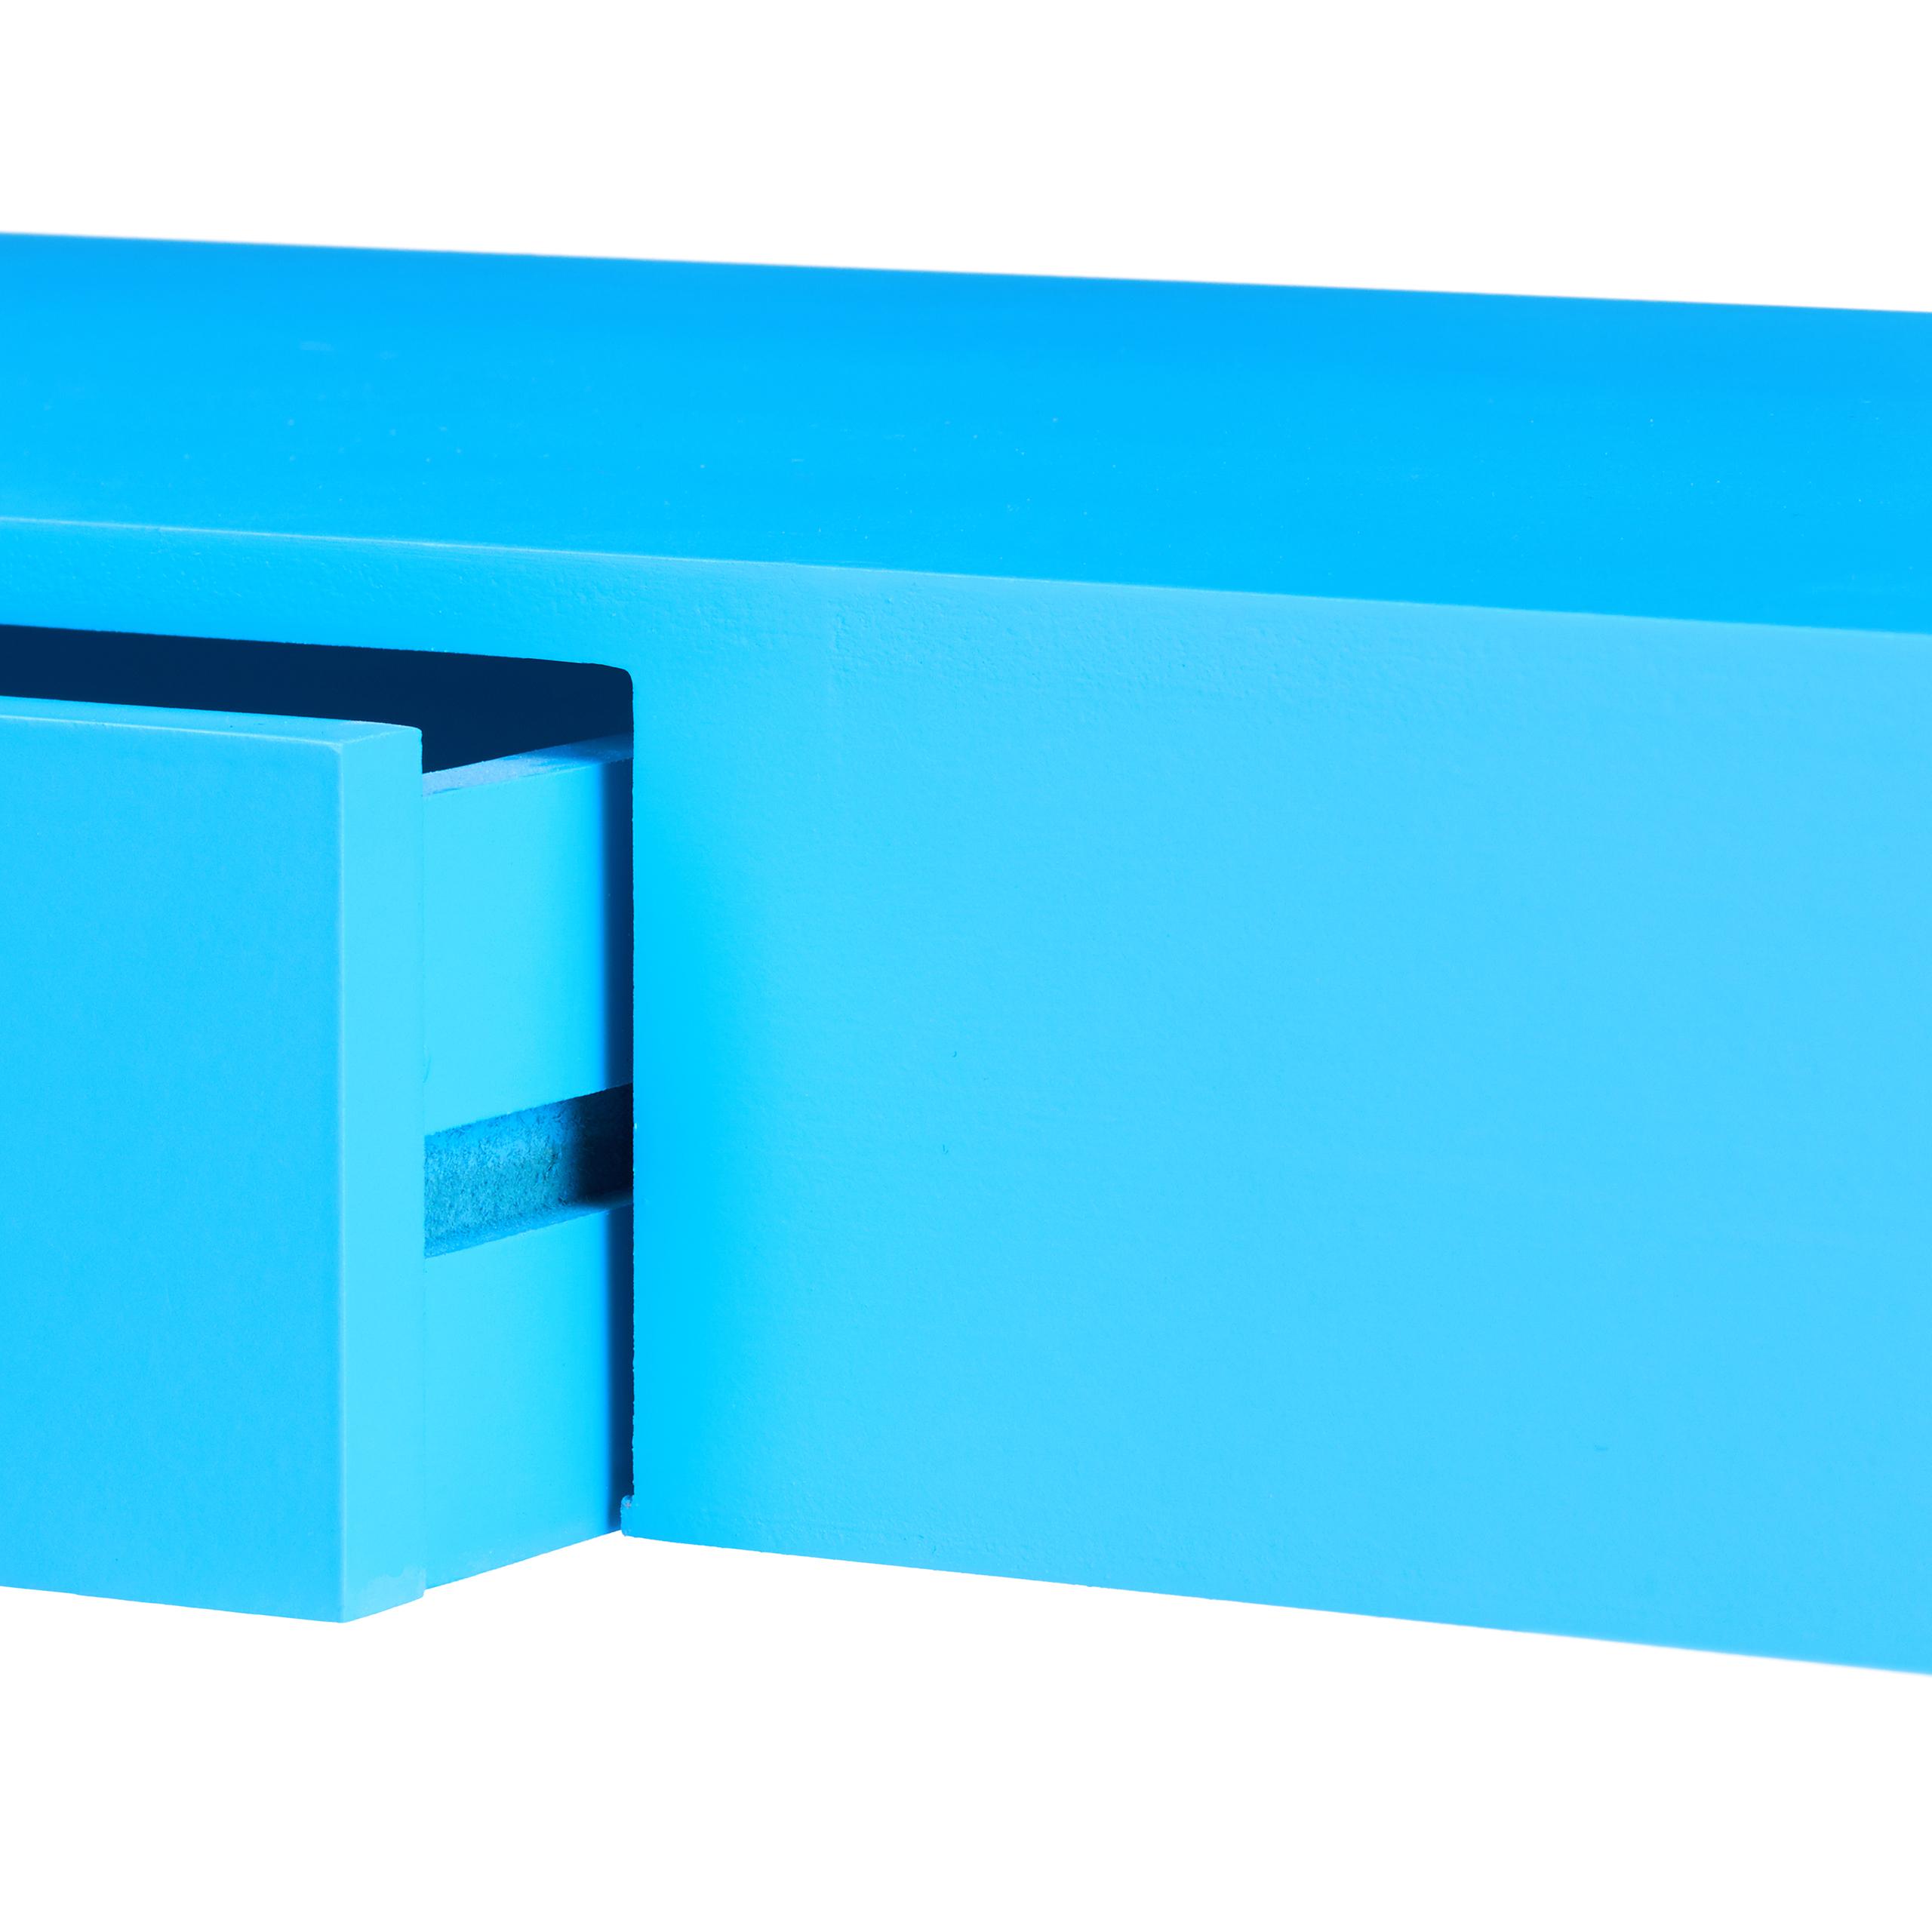 Wandregal-mit-Schublade-freischwebend-Design-Deko-Wohnzimmer-modern-Ablage Indexbild 6